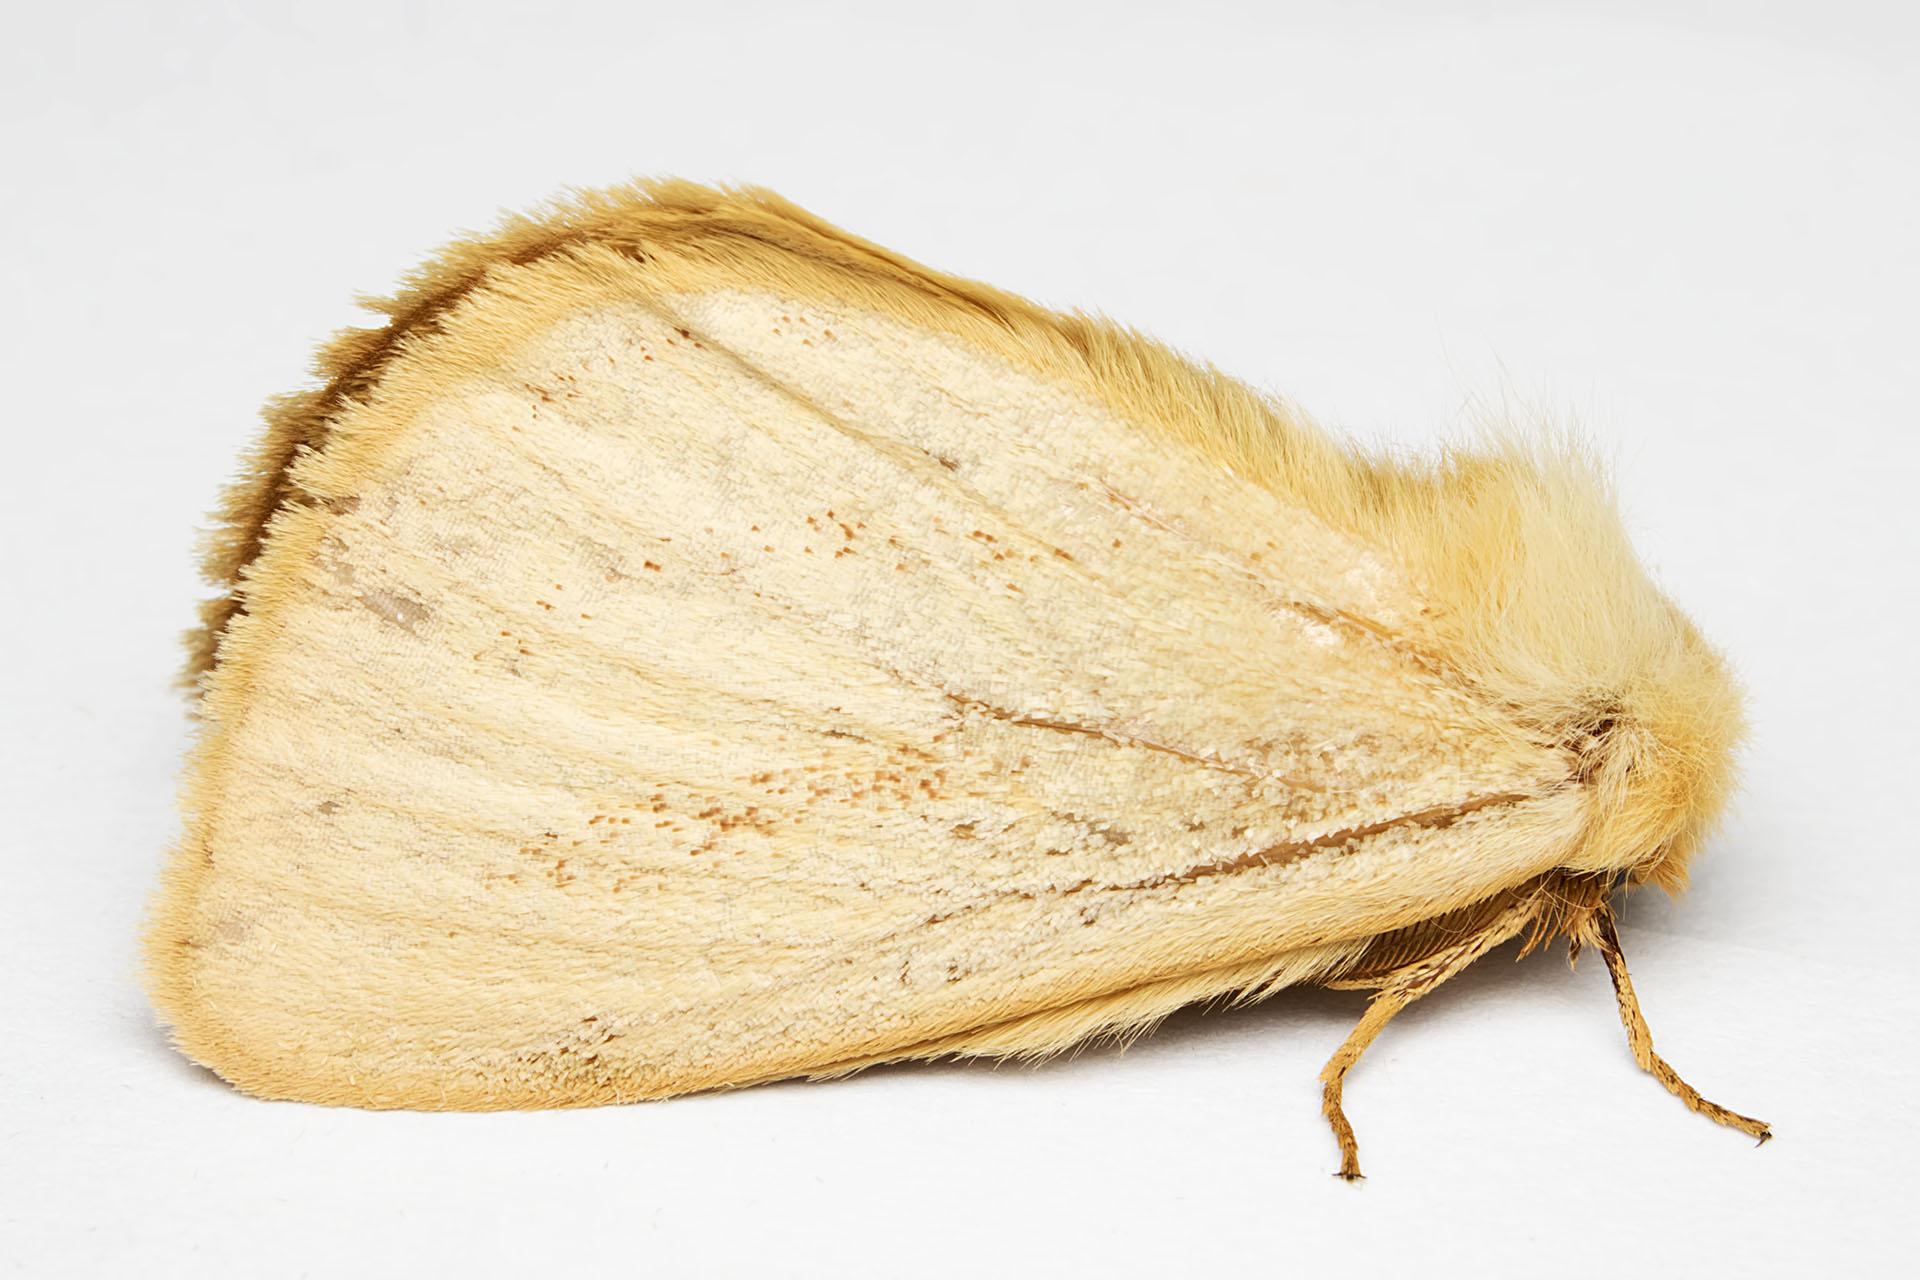 Fotos Gratis Ala Madera Insecto Polilla Fauna Invertebrado  ~ Como Son Las Polillas De La Madera